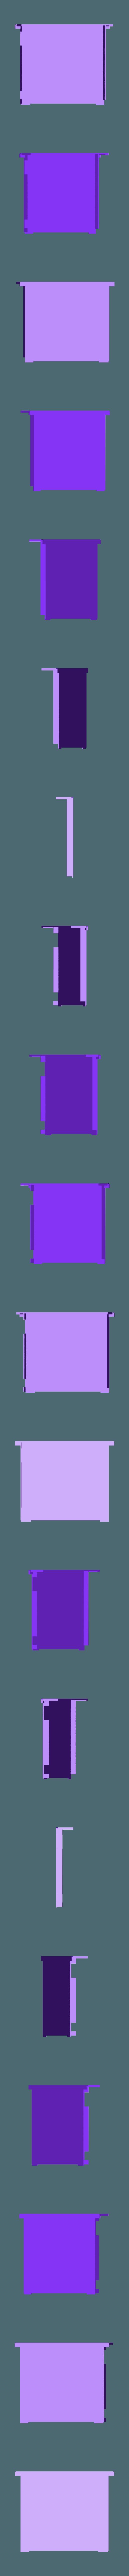 original_v2_2_Router_Station_Pro_Bottom_plate.stl Télécharger fichier STL gratuit Affaire Ubiquiti RouterStation Pro • Objet imprimable en 3D, cmh